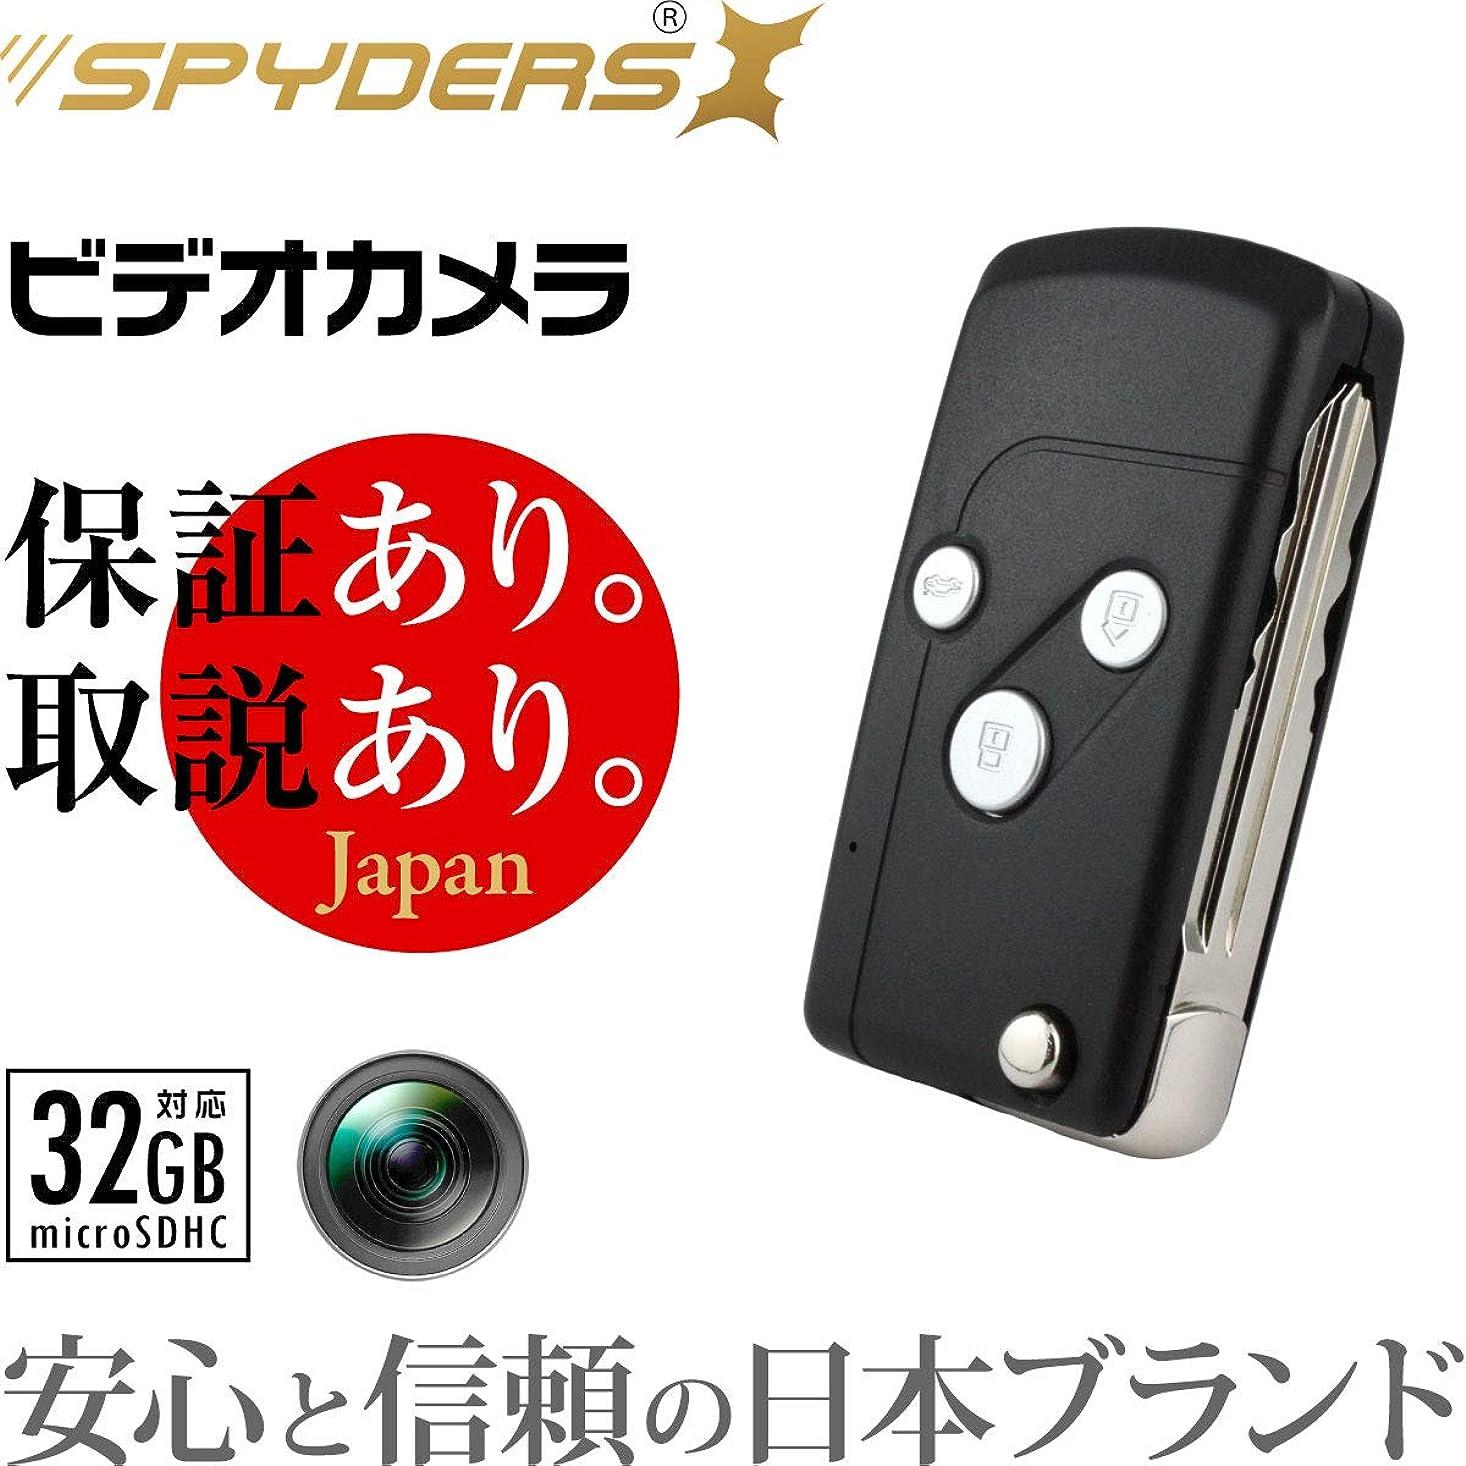 ドローきらめきヘリコプタースパイダーズX キーレス型カメラ 小型カメラ スパイカメラ (A-270)